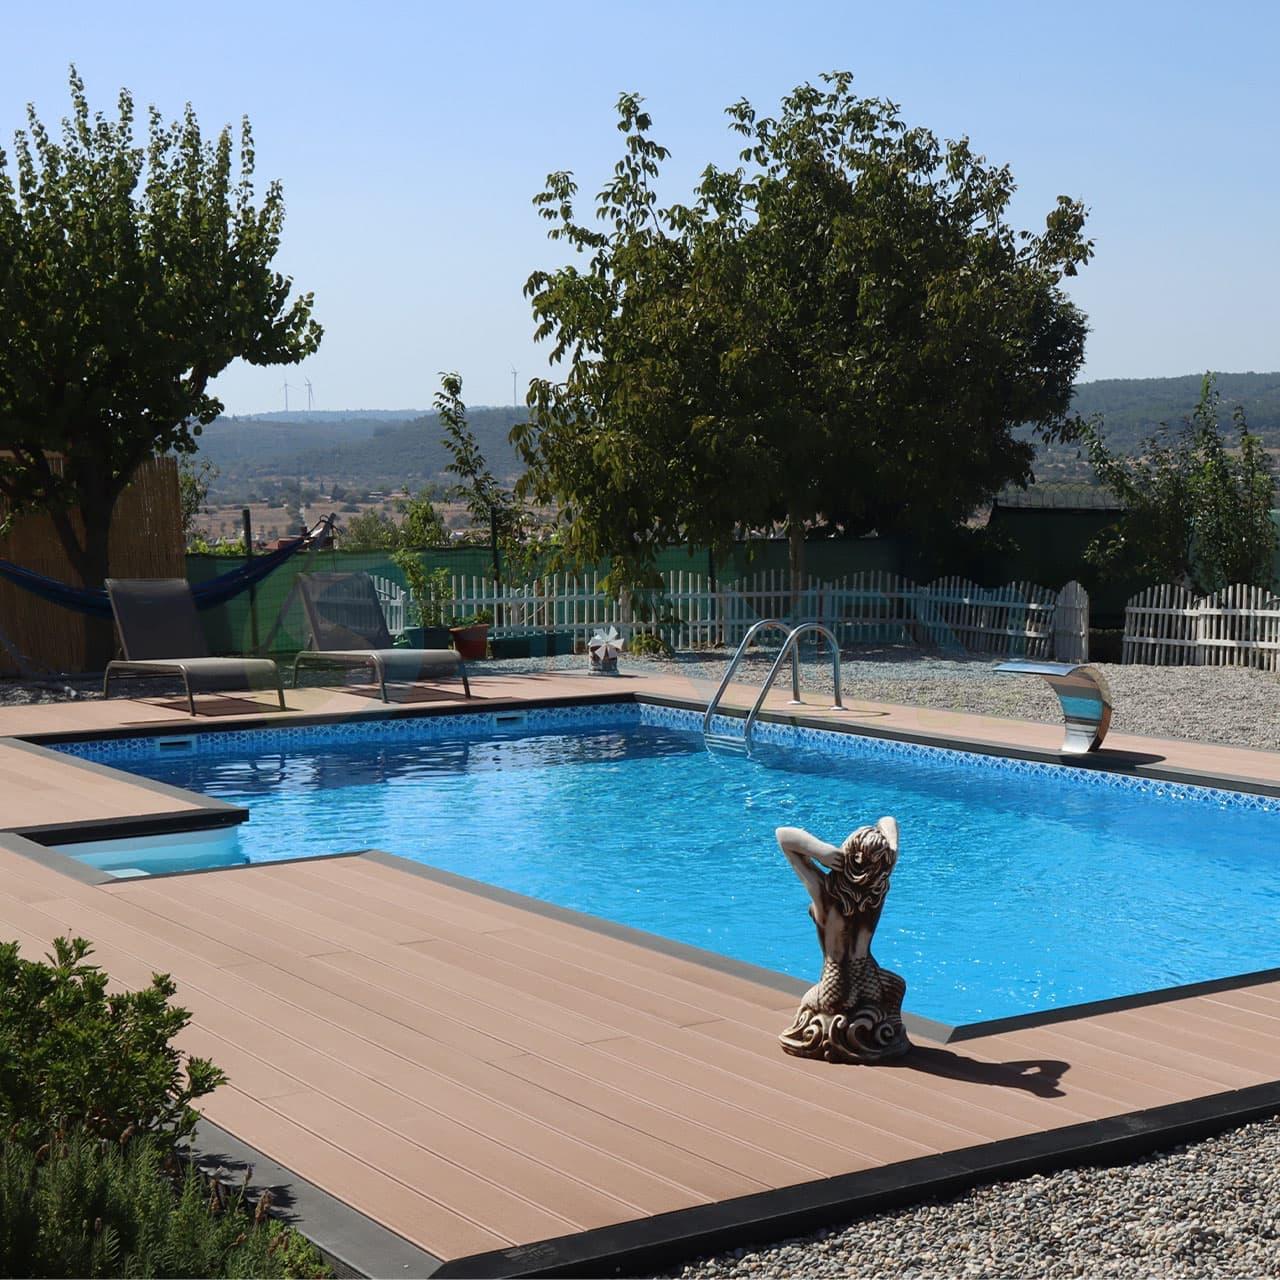 İzmir İlkay Hanım Fipool Plus Havuz Sermed Havuz Firması tarafından yapıldı.